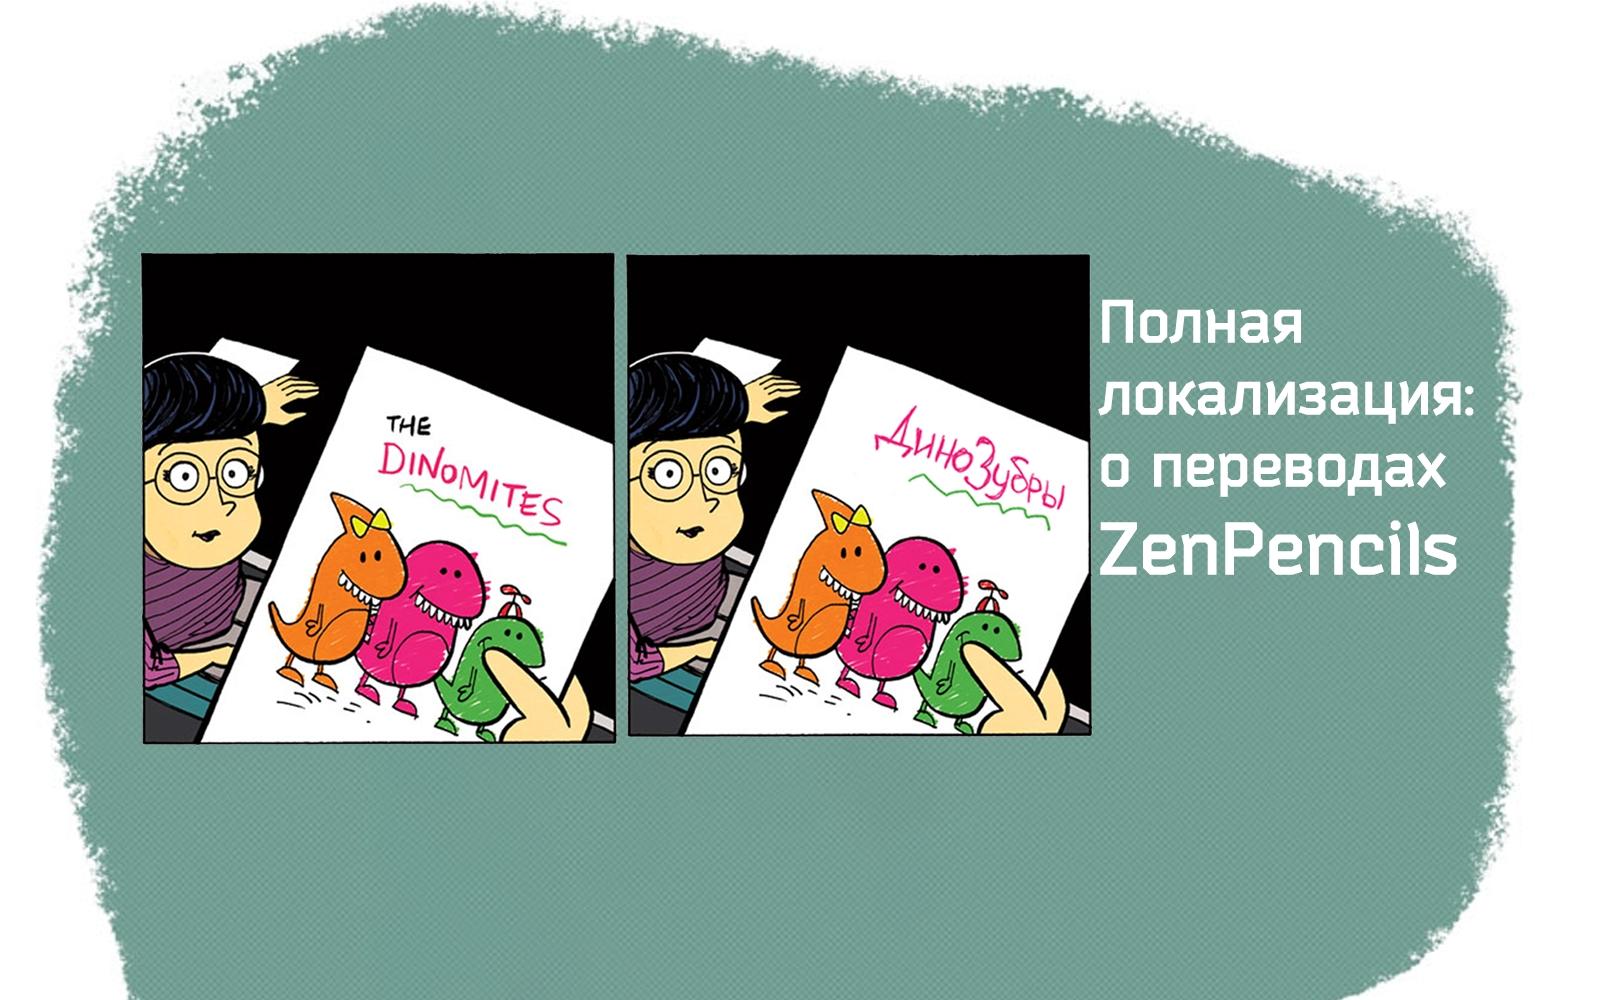 Перевод комиксов: о локализации ZenPencils